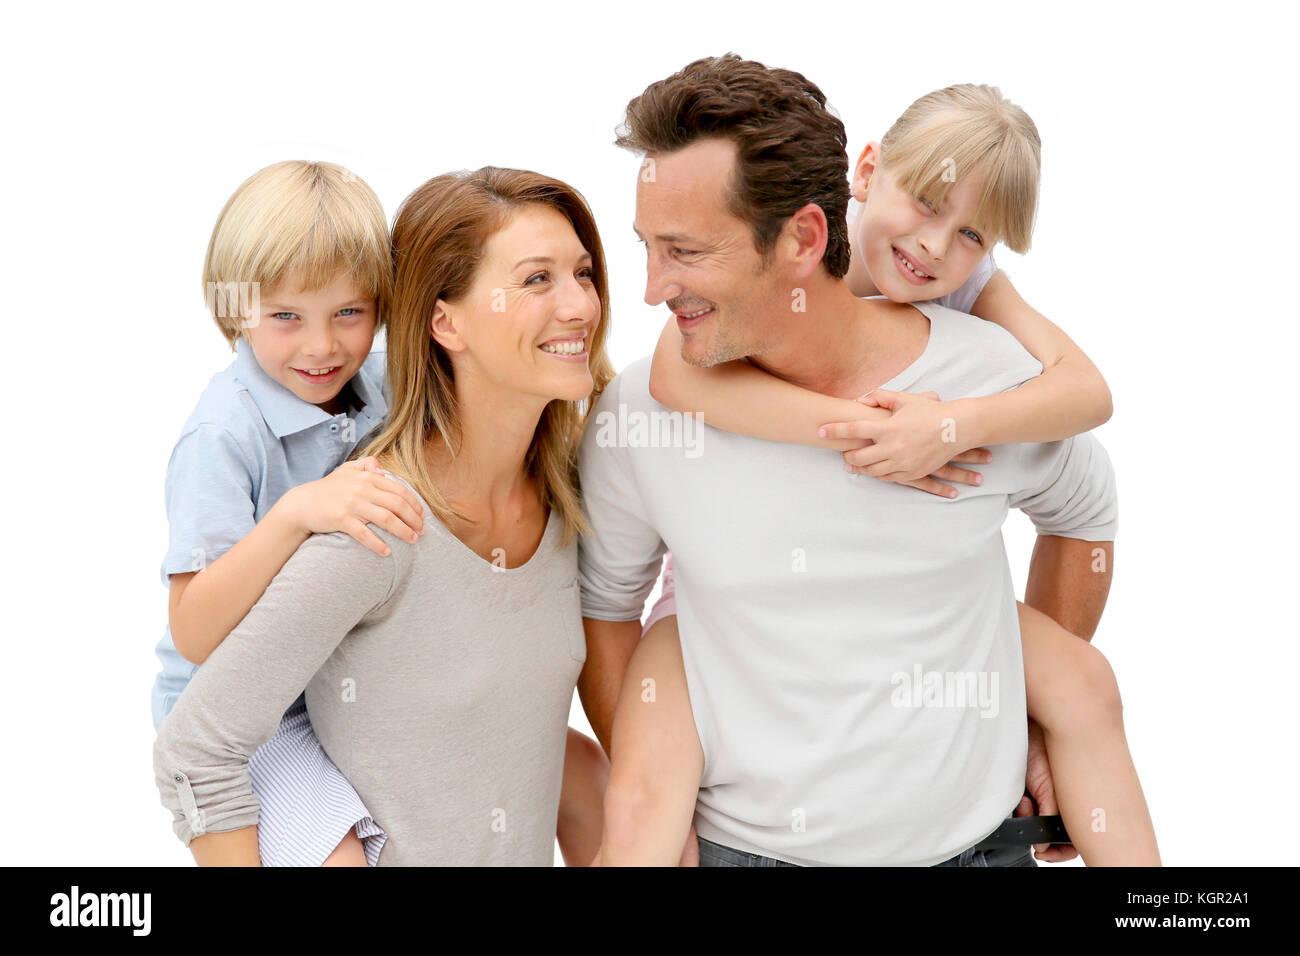 Los padres dando piggyback ride para niños Imagen De Stock